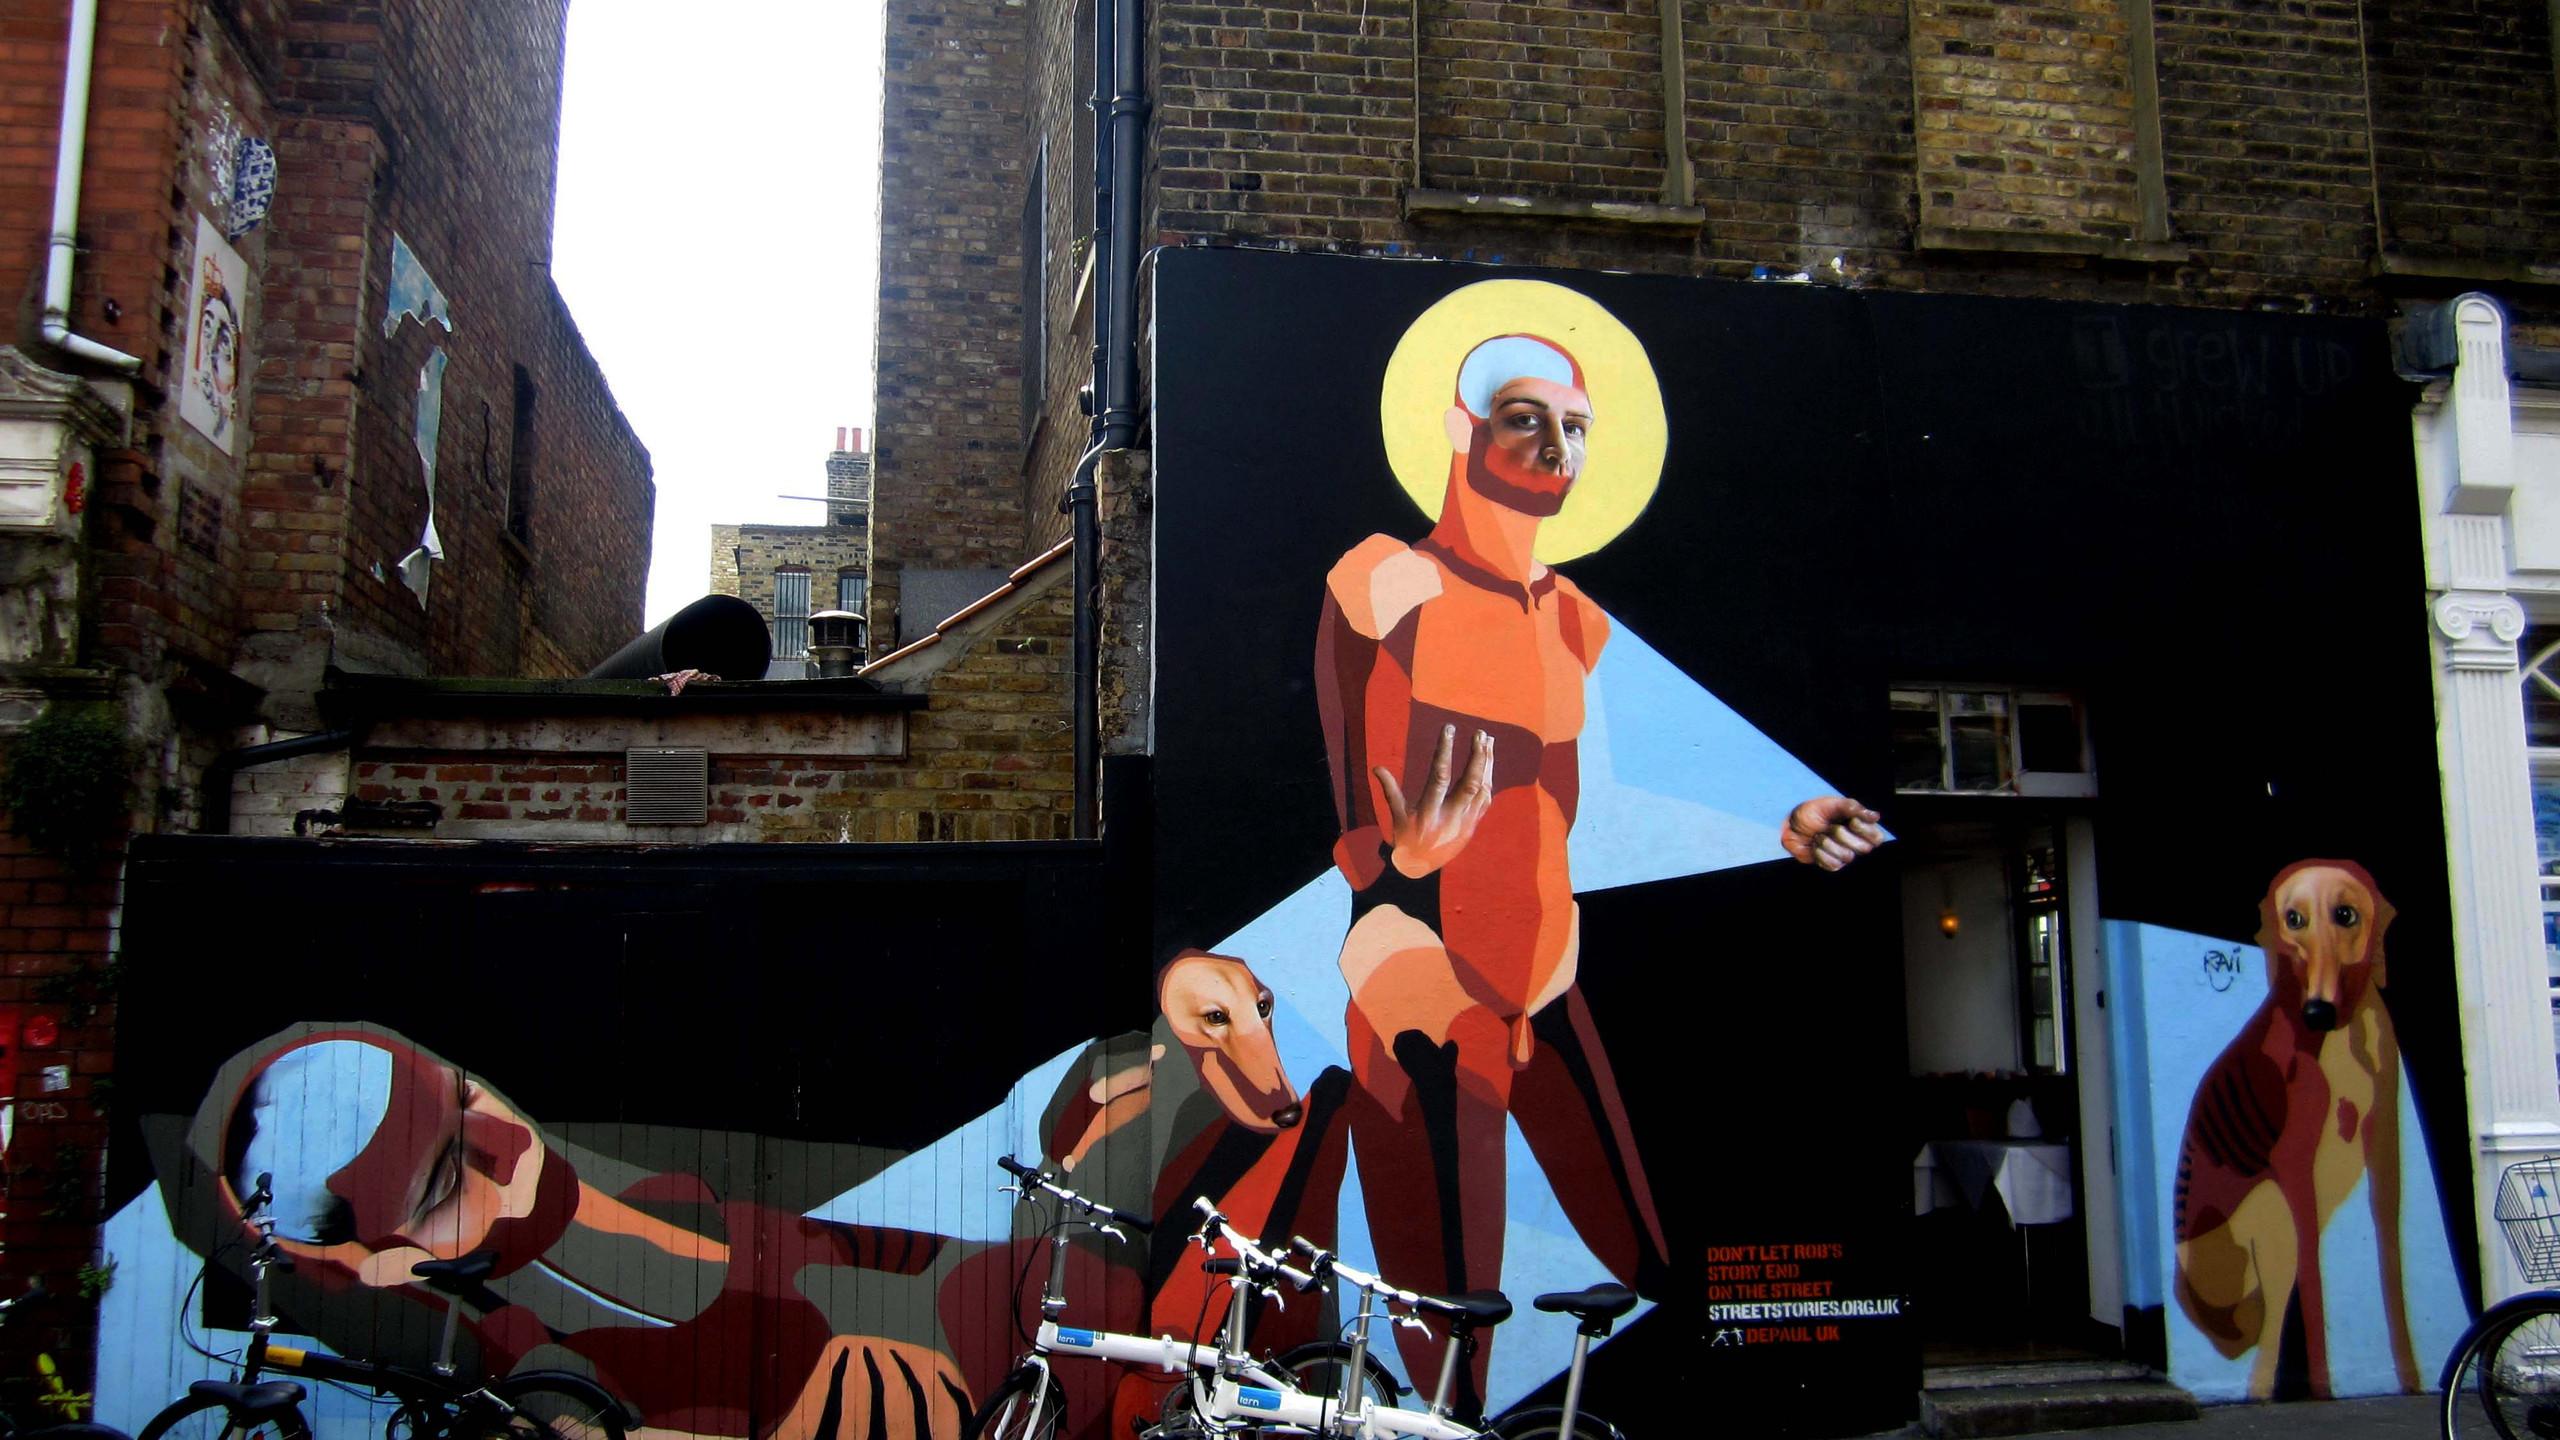 Streetstories UK